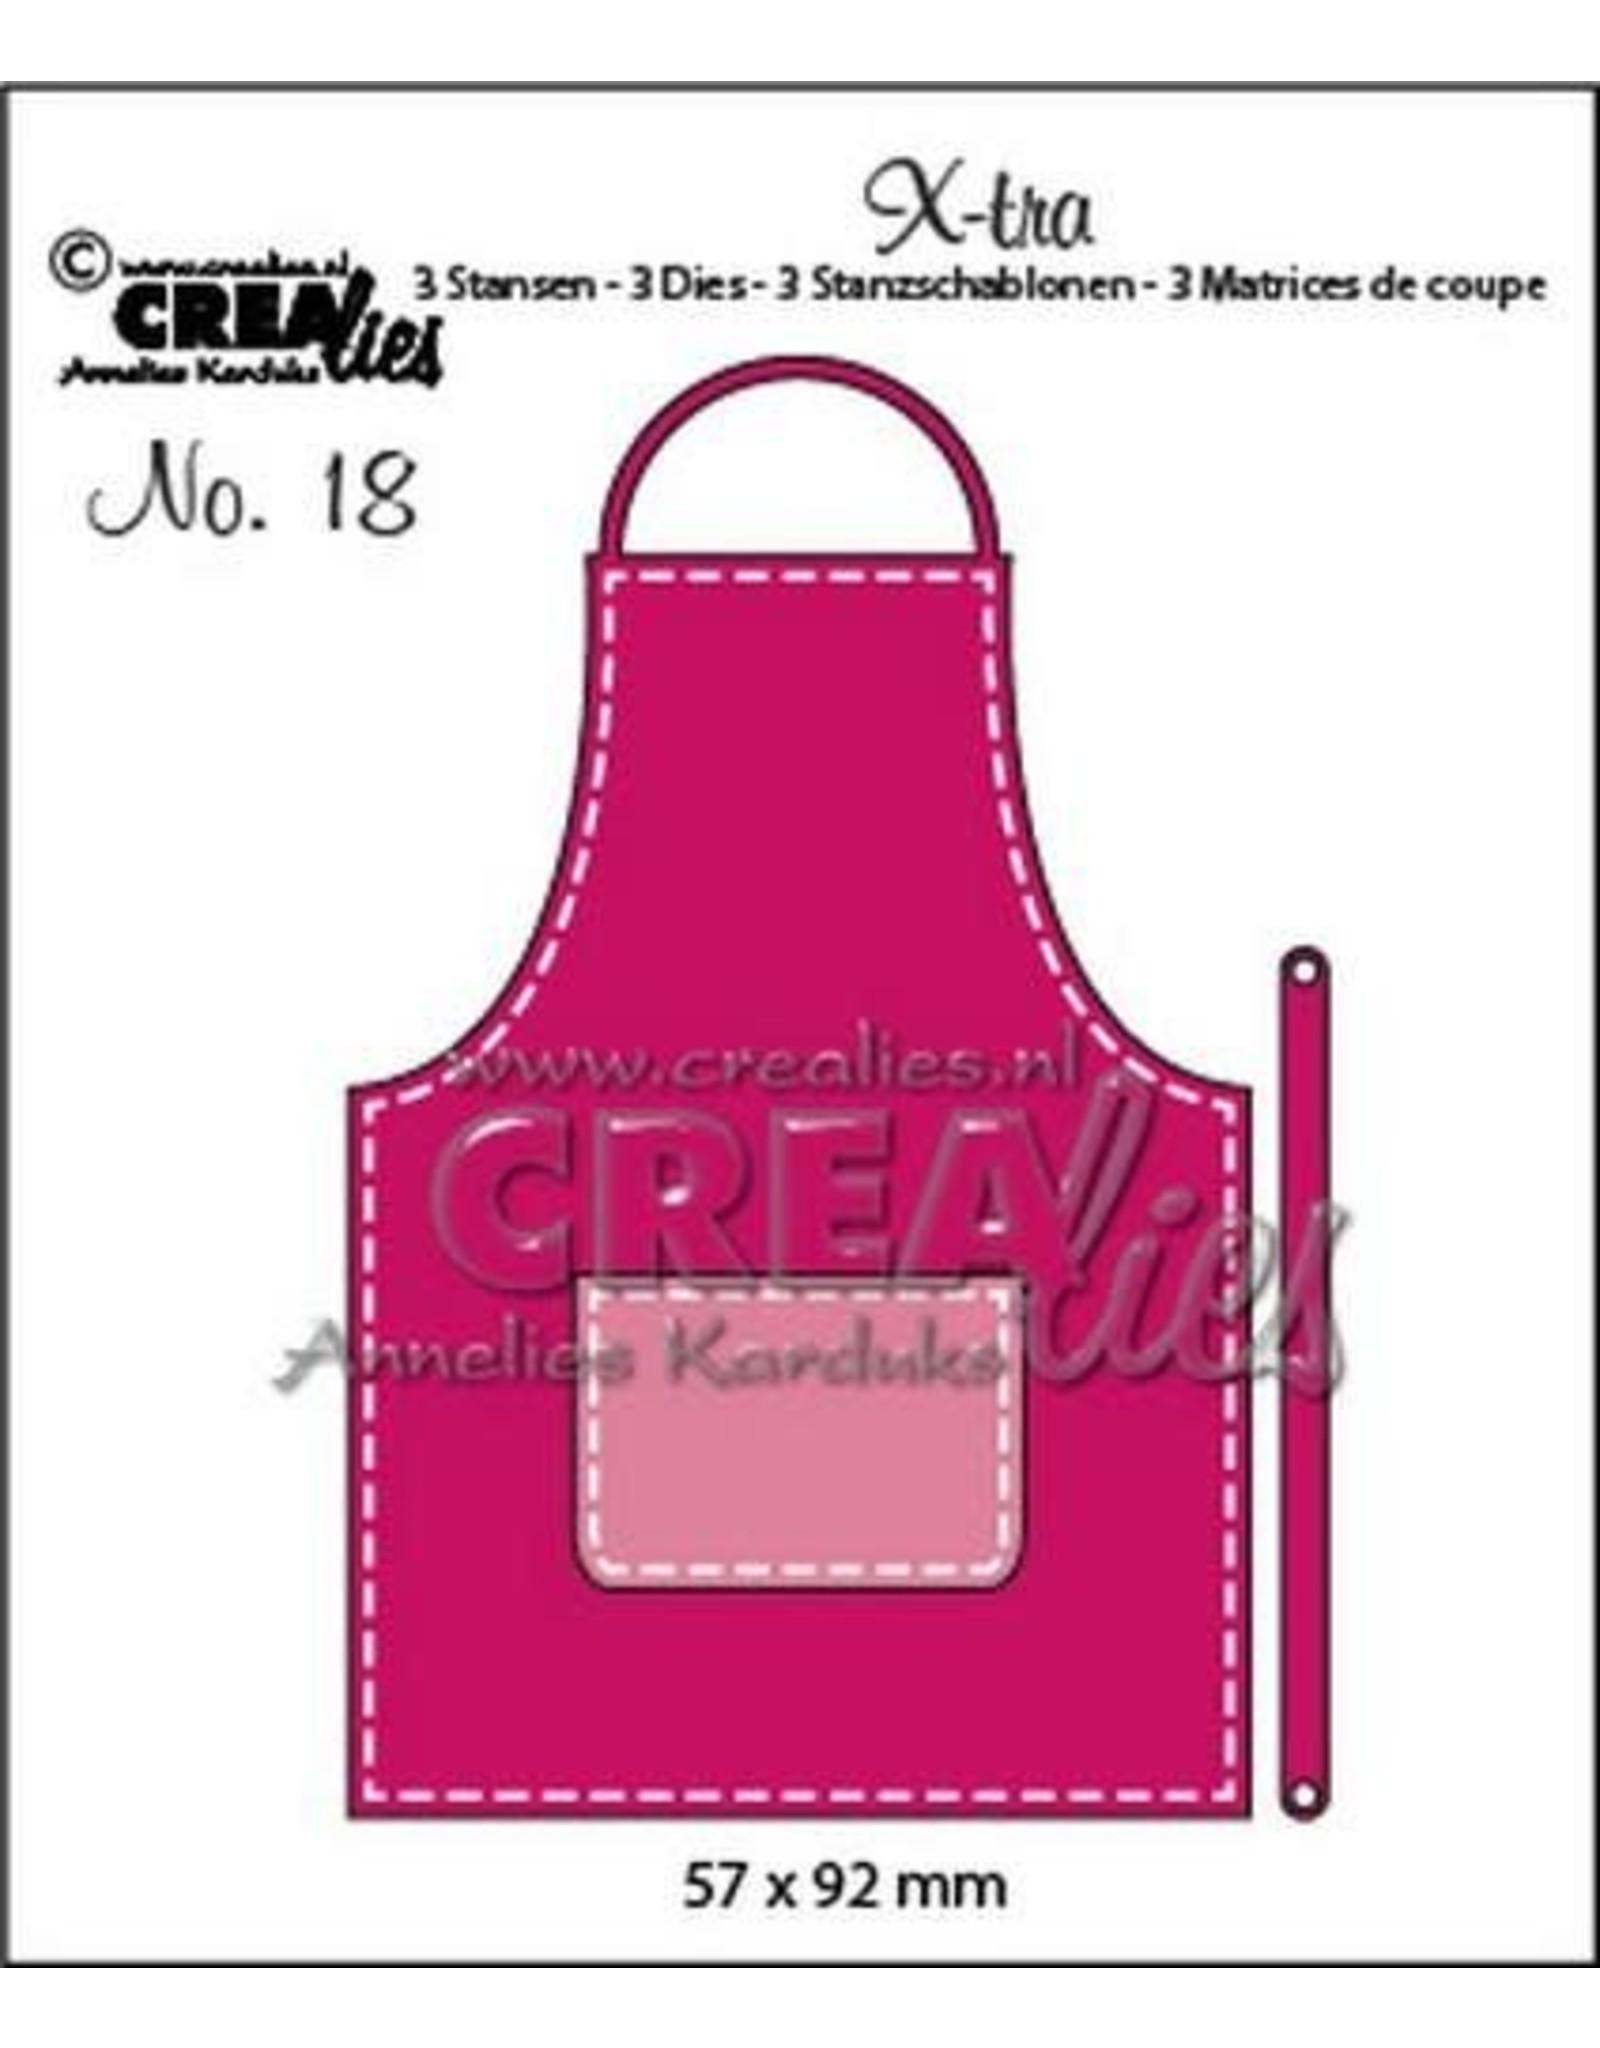 Crealies Crealies X-tra no. 18 schort (klein) X-tra no. 18 57x92mm